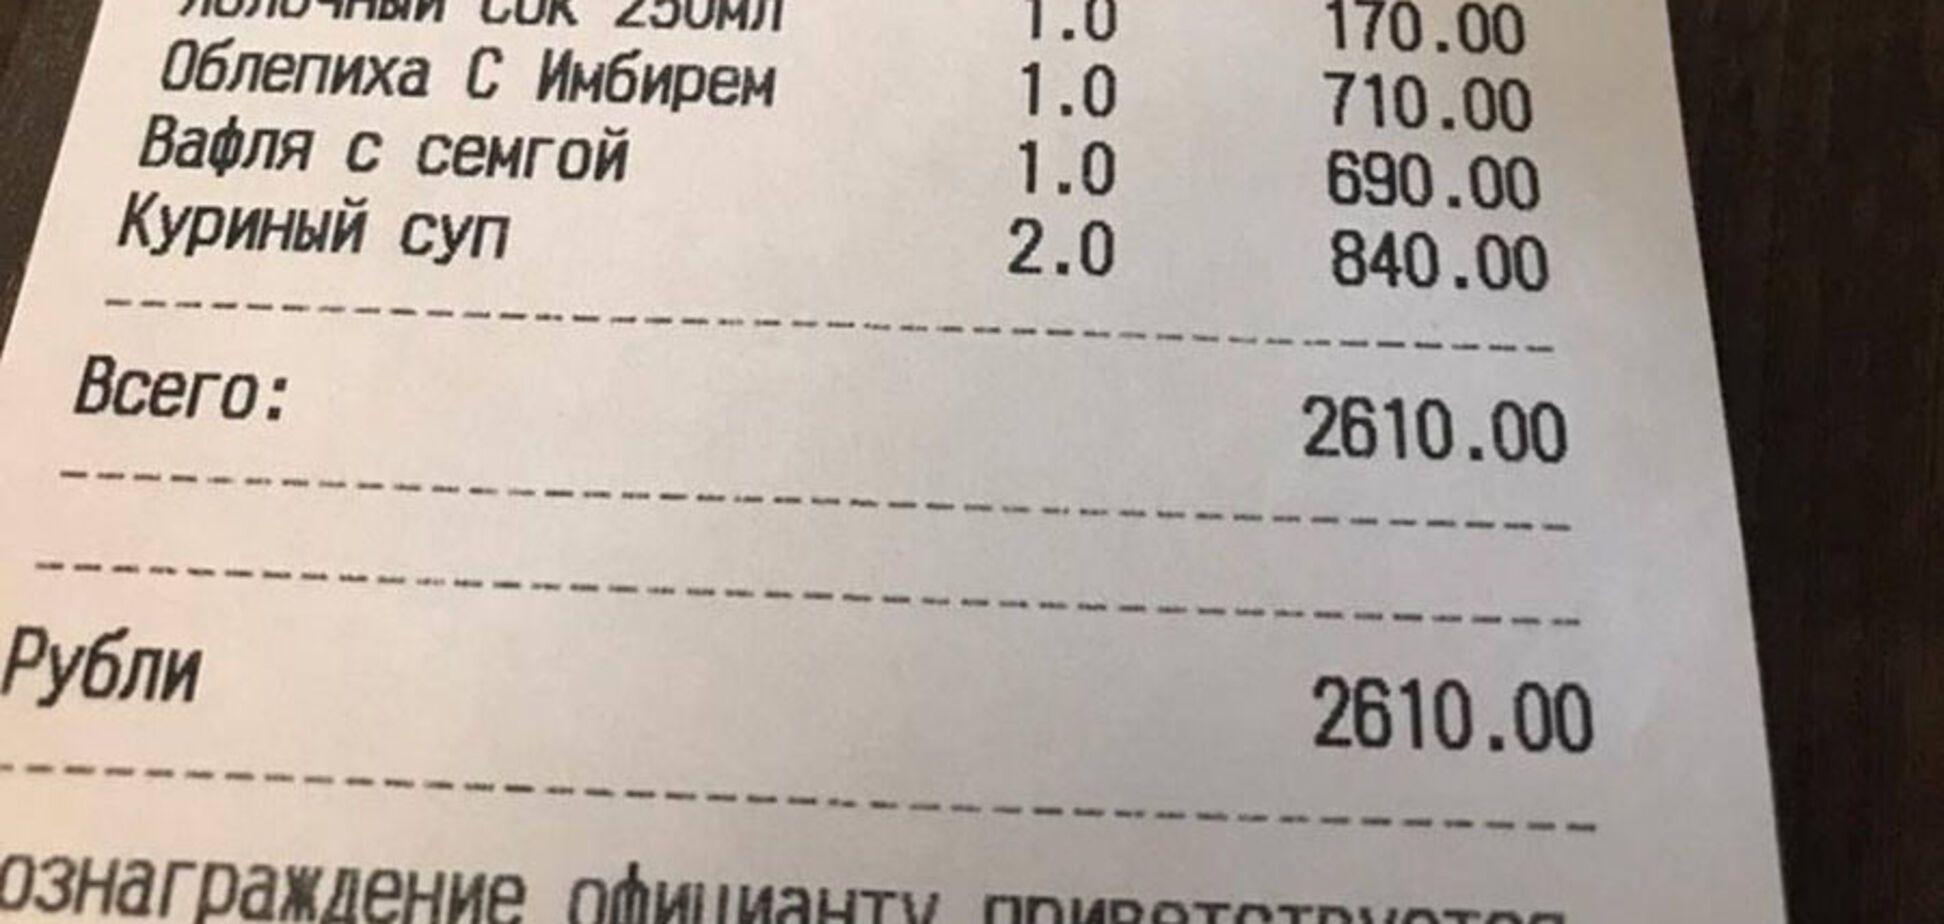 'Ціни в кафе просто пекельні': туристи скаржаться на вартість відпочинку в Сочі